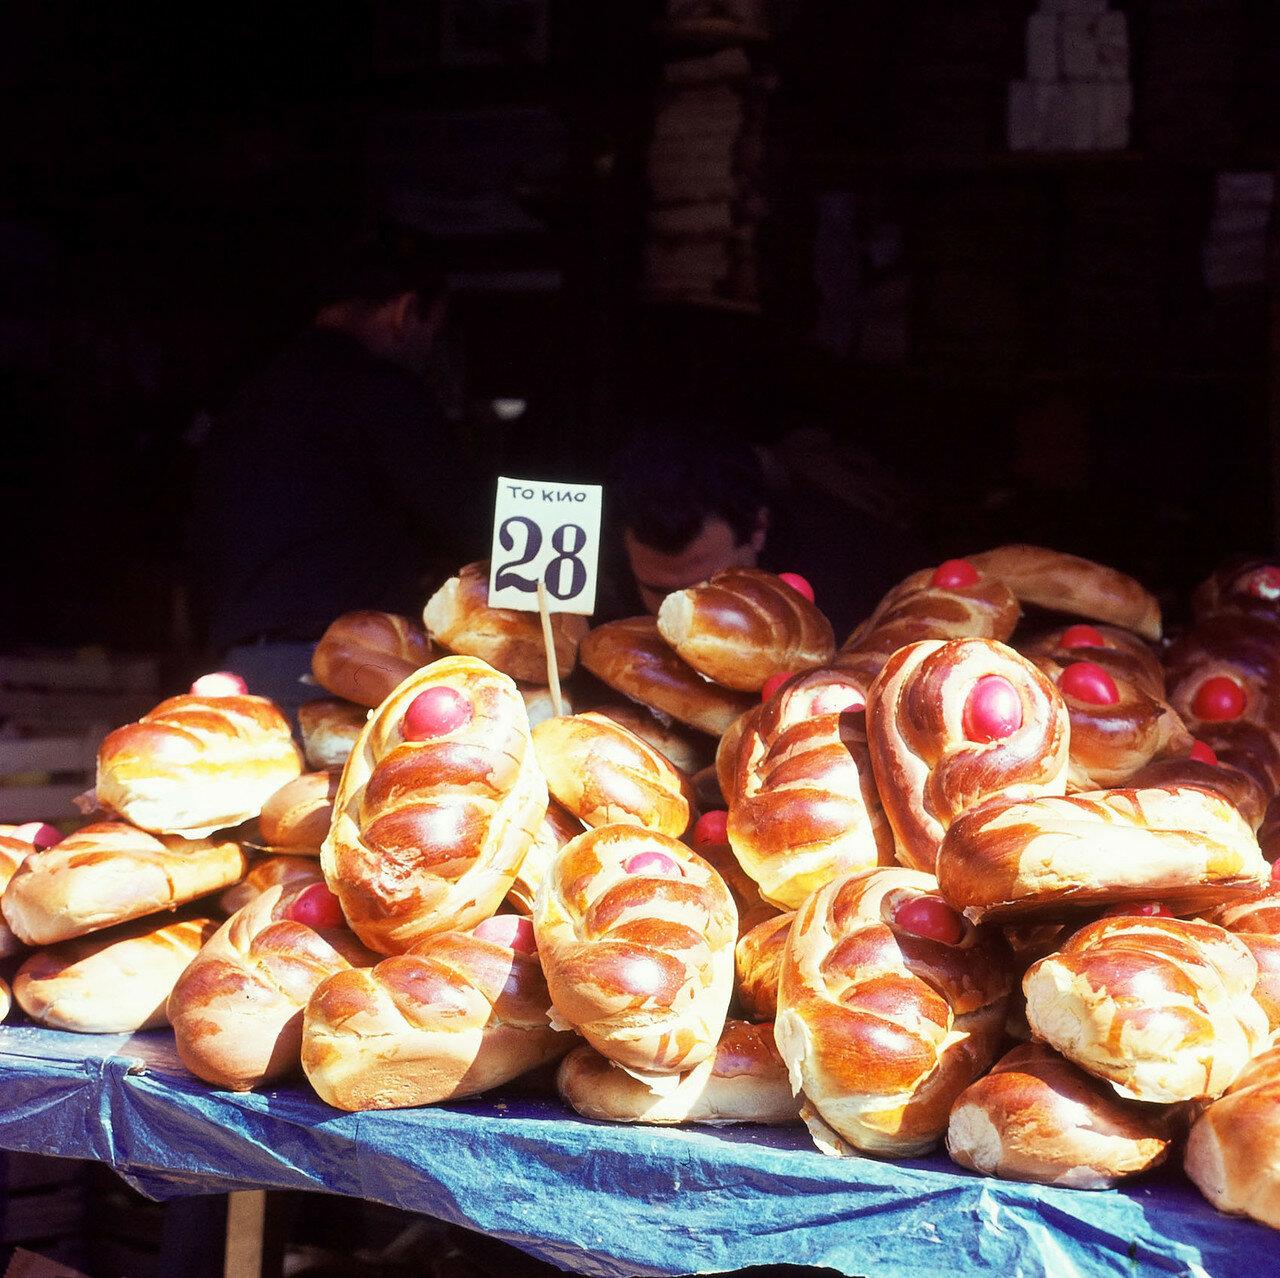 Στην εμπορική οδό.  Αρτοποιείο.  δείγματα προϊόντων